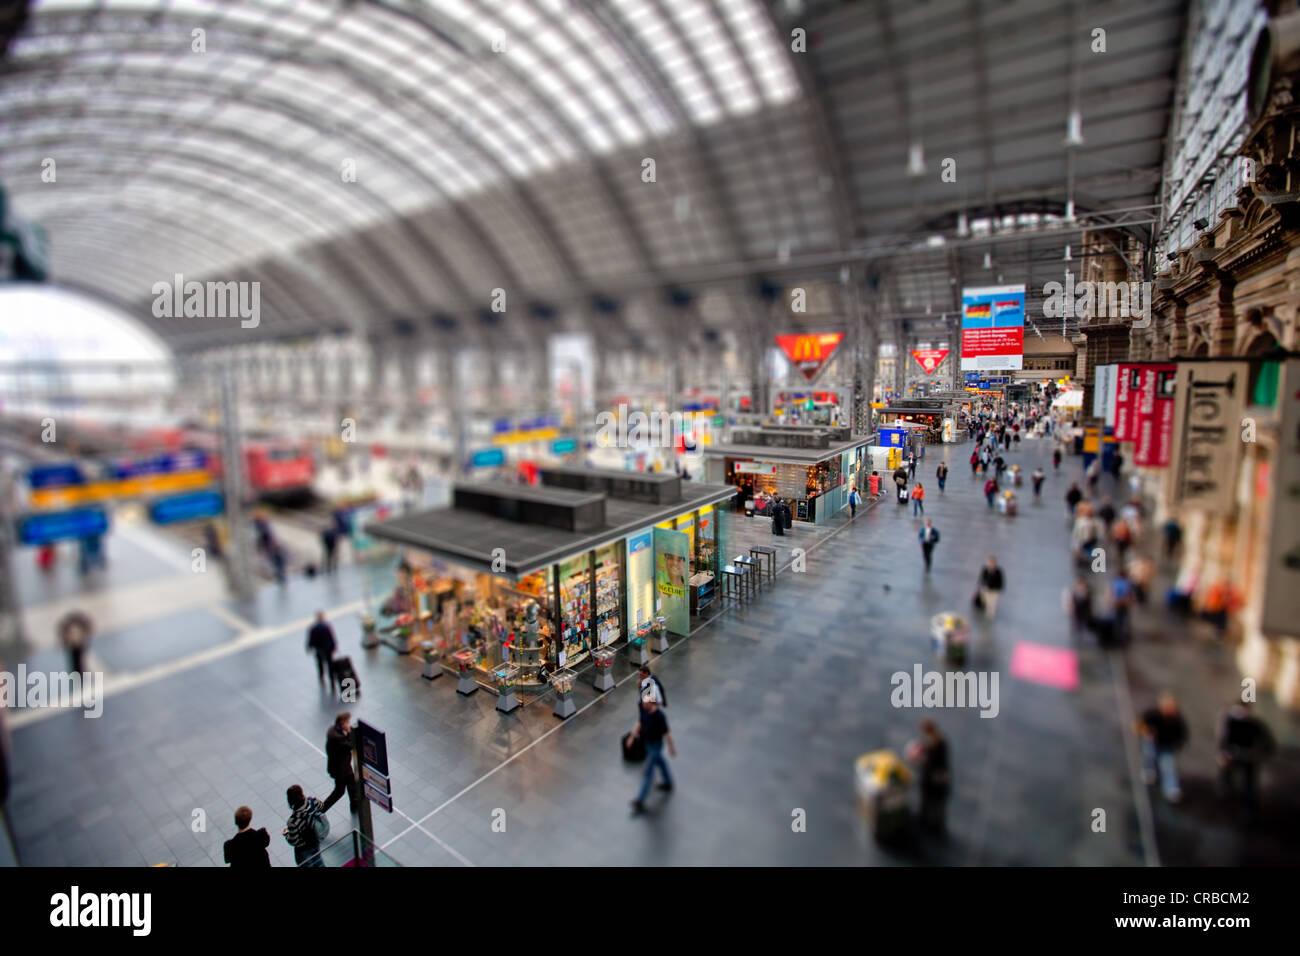 Francoforte stazione centrale, tilt-shift effetto per dare l' impressione di un modello in miniatura a causa Immagini Stock